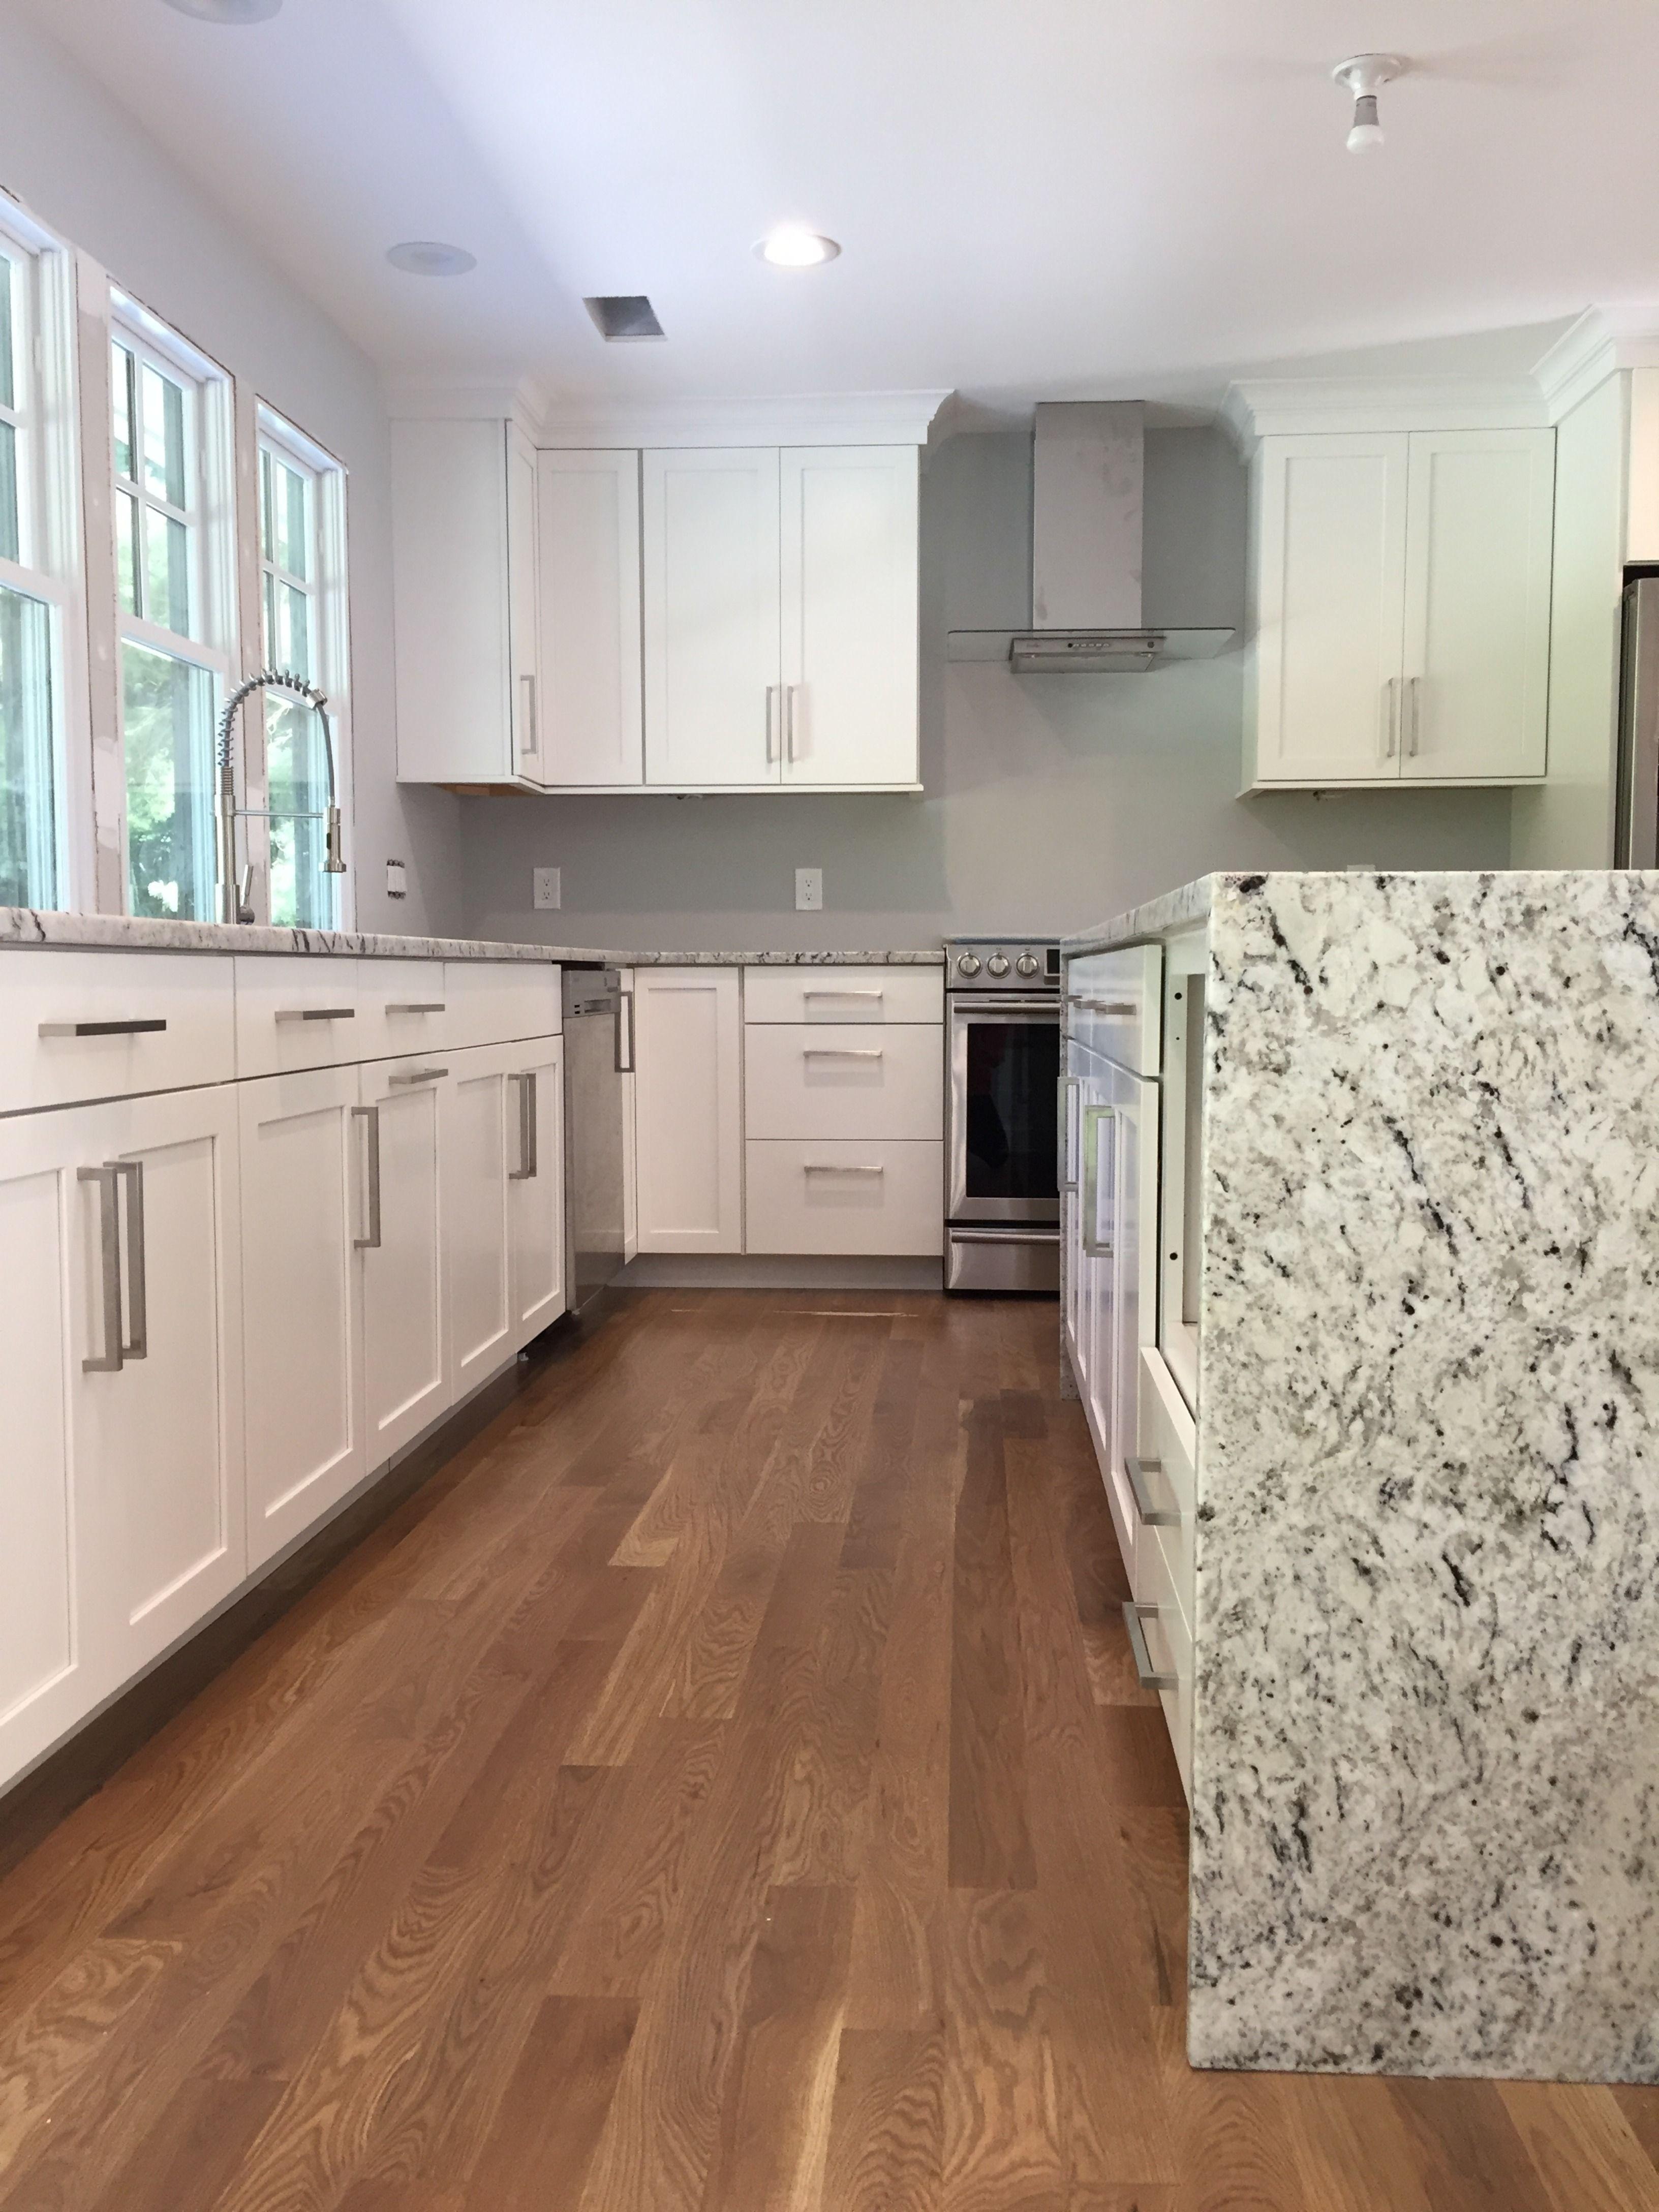 White Ice Granite And Waterfall Island Granite Kitchen White Ice Granite Kitchen